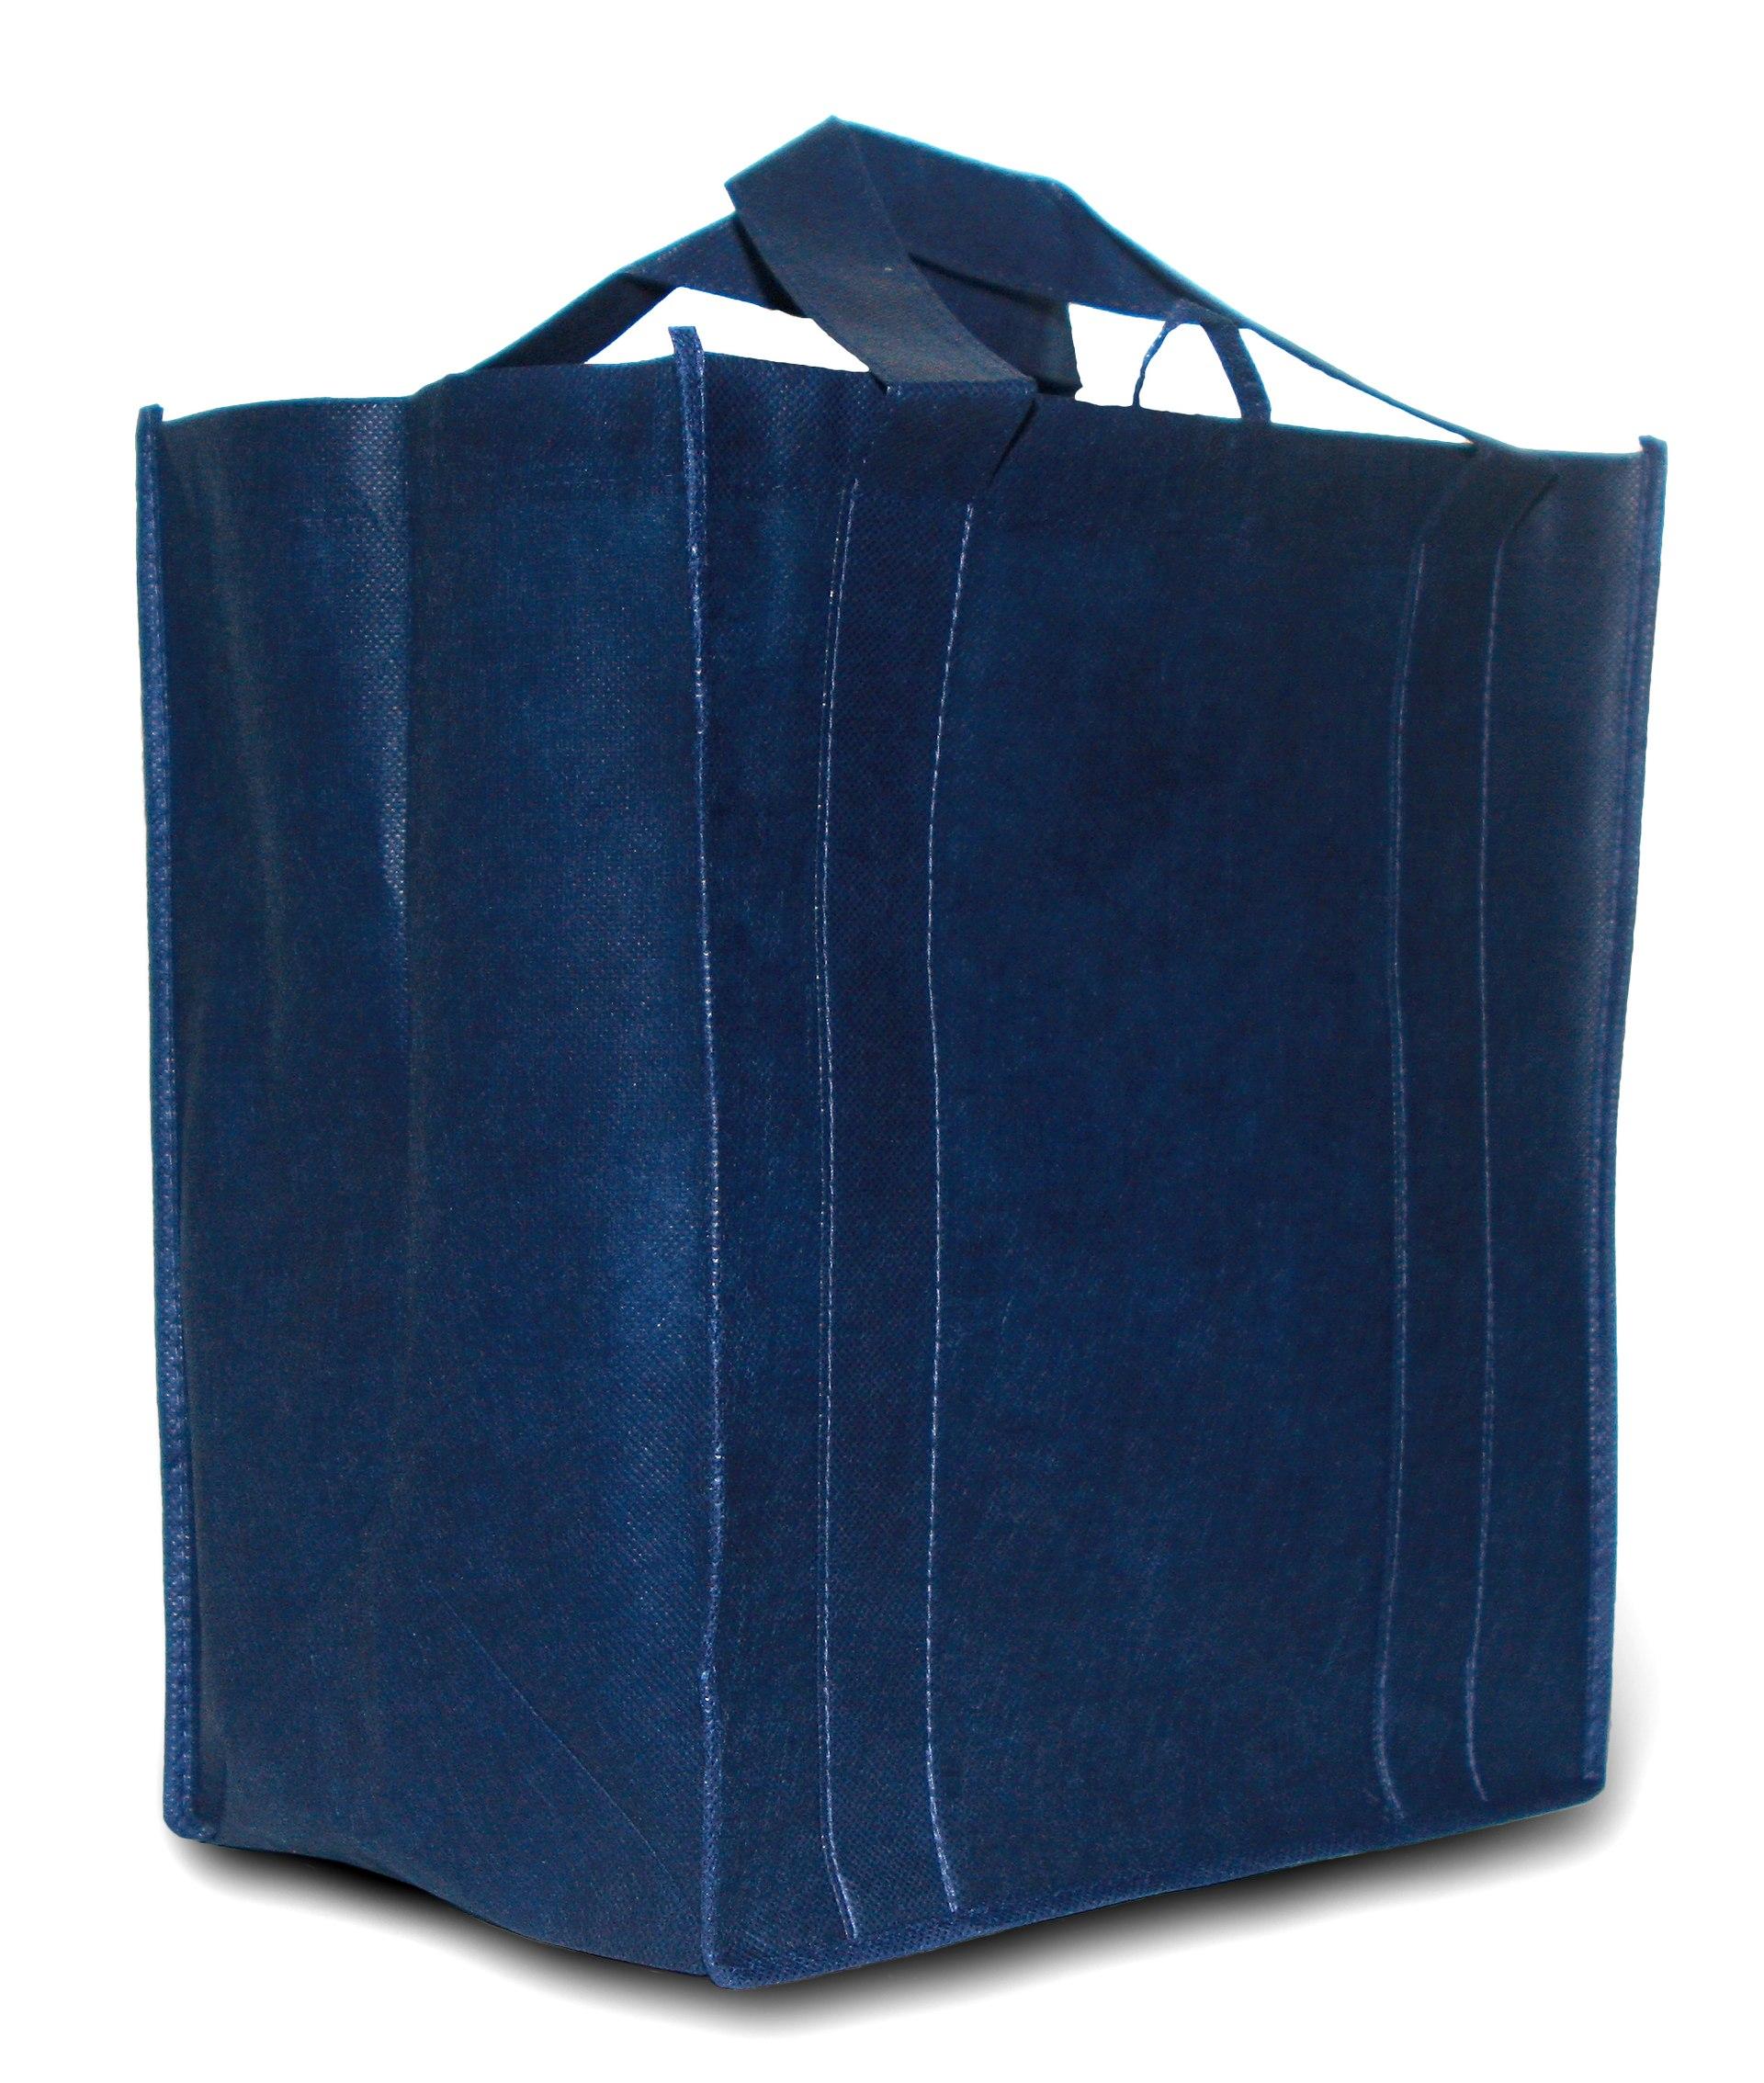 Shipping Container Bag Shop: Reusable Shopping Bag